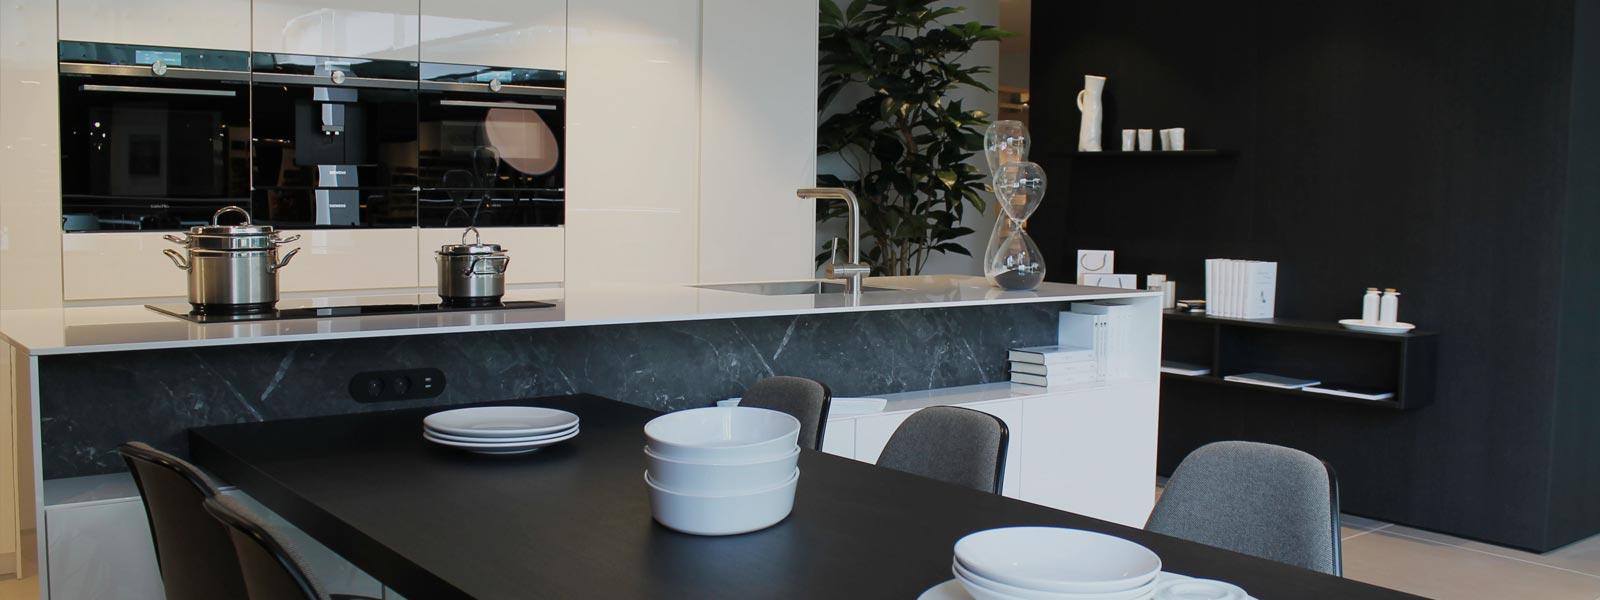 Een zwarte tafel met wit servies er op geplaatst in de showroom van Keukenstudio van Vliet. Een overwegend wit keukenblok met pannen op de kookplaat.